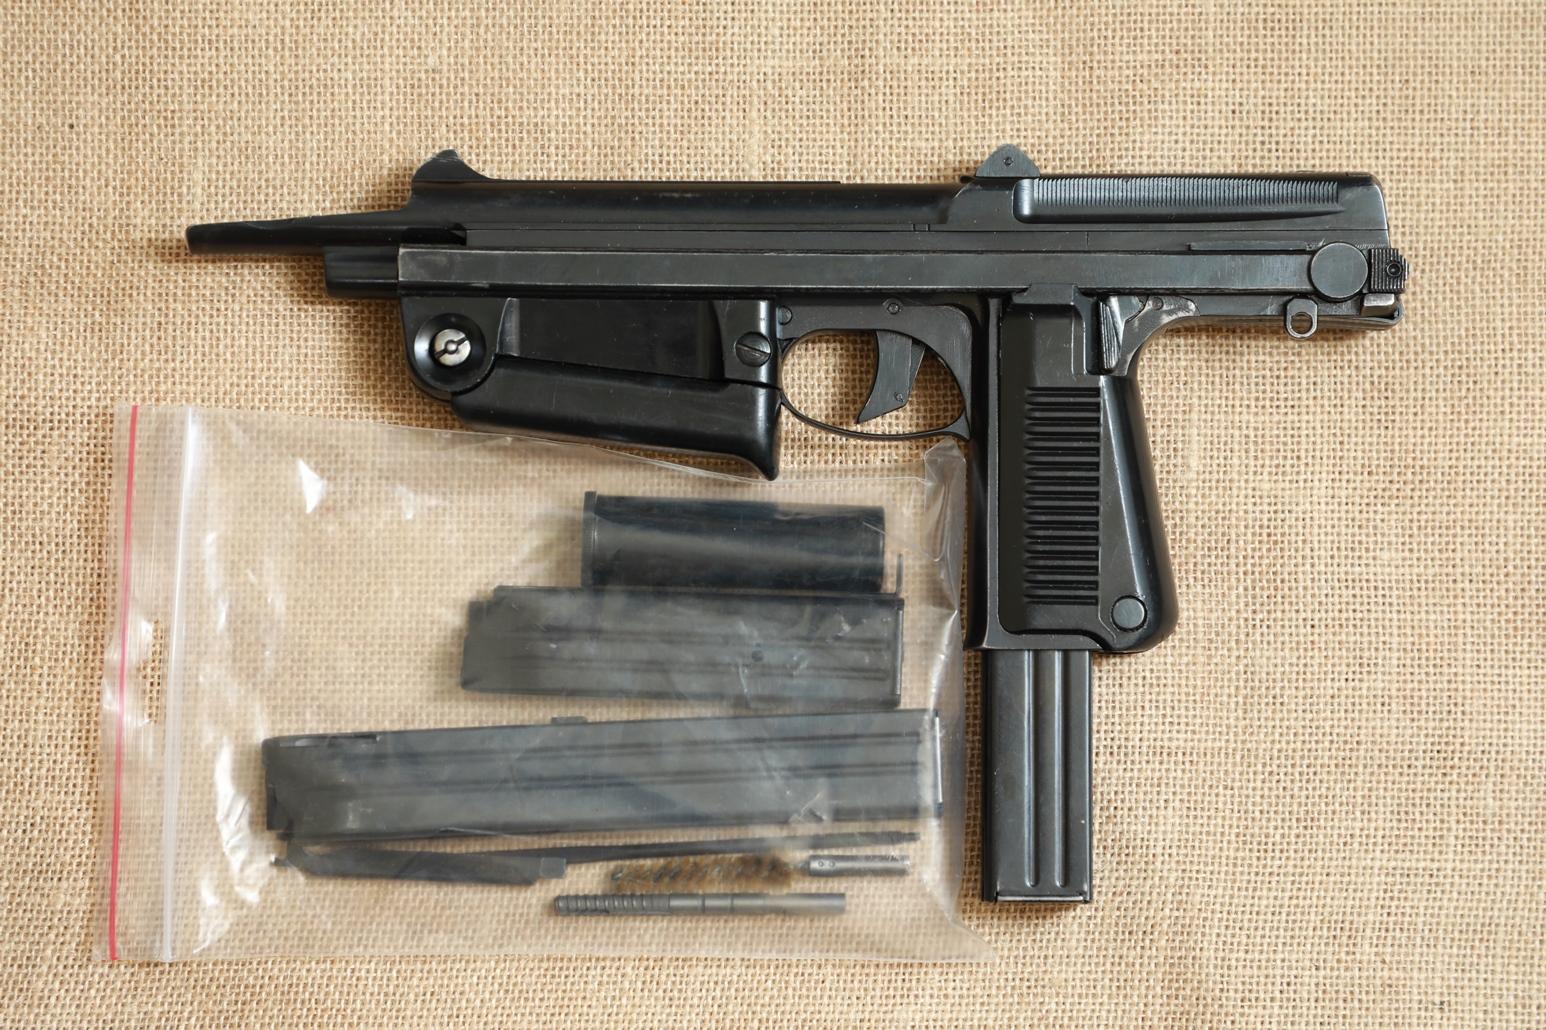 Охолощенный пистолет-пулемет RAK-63 #BM 02947 1971 год, 1 категория